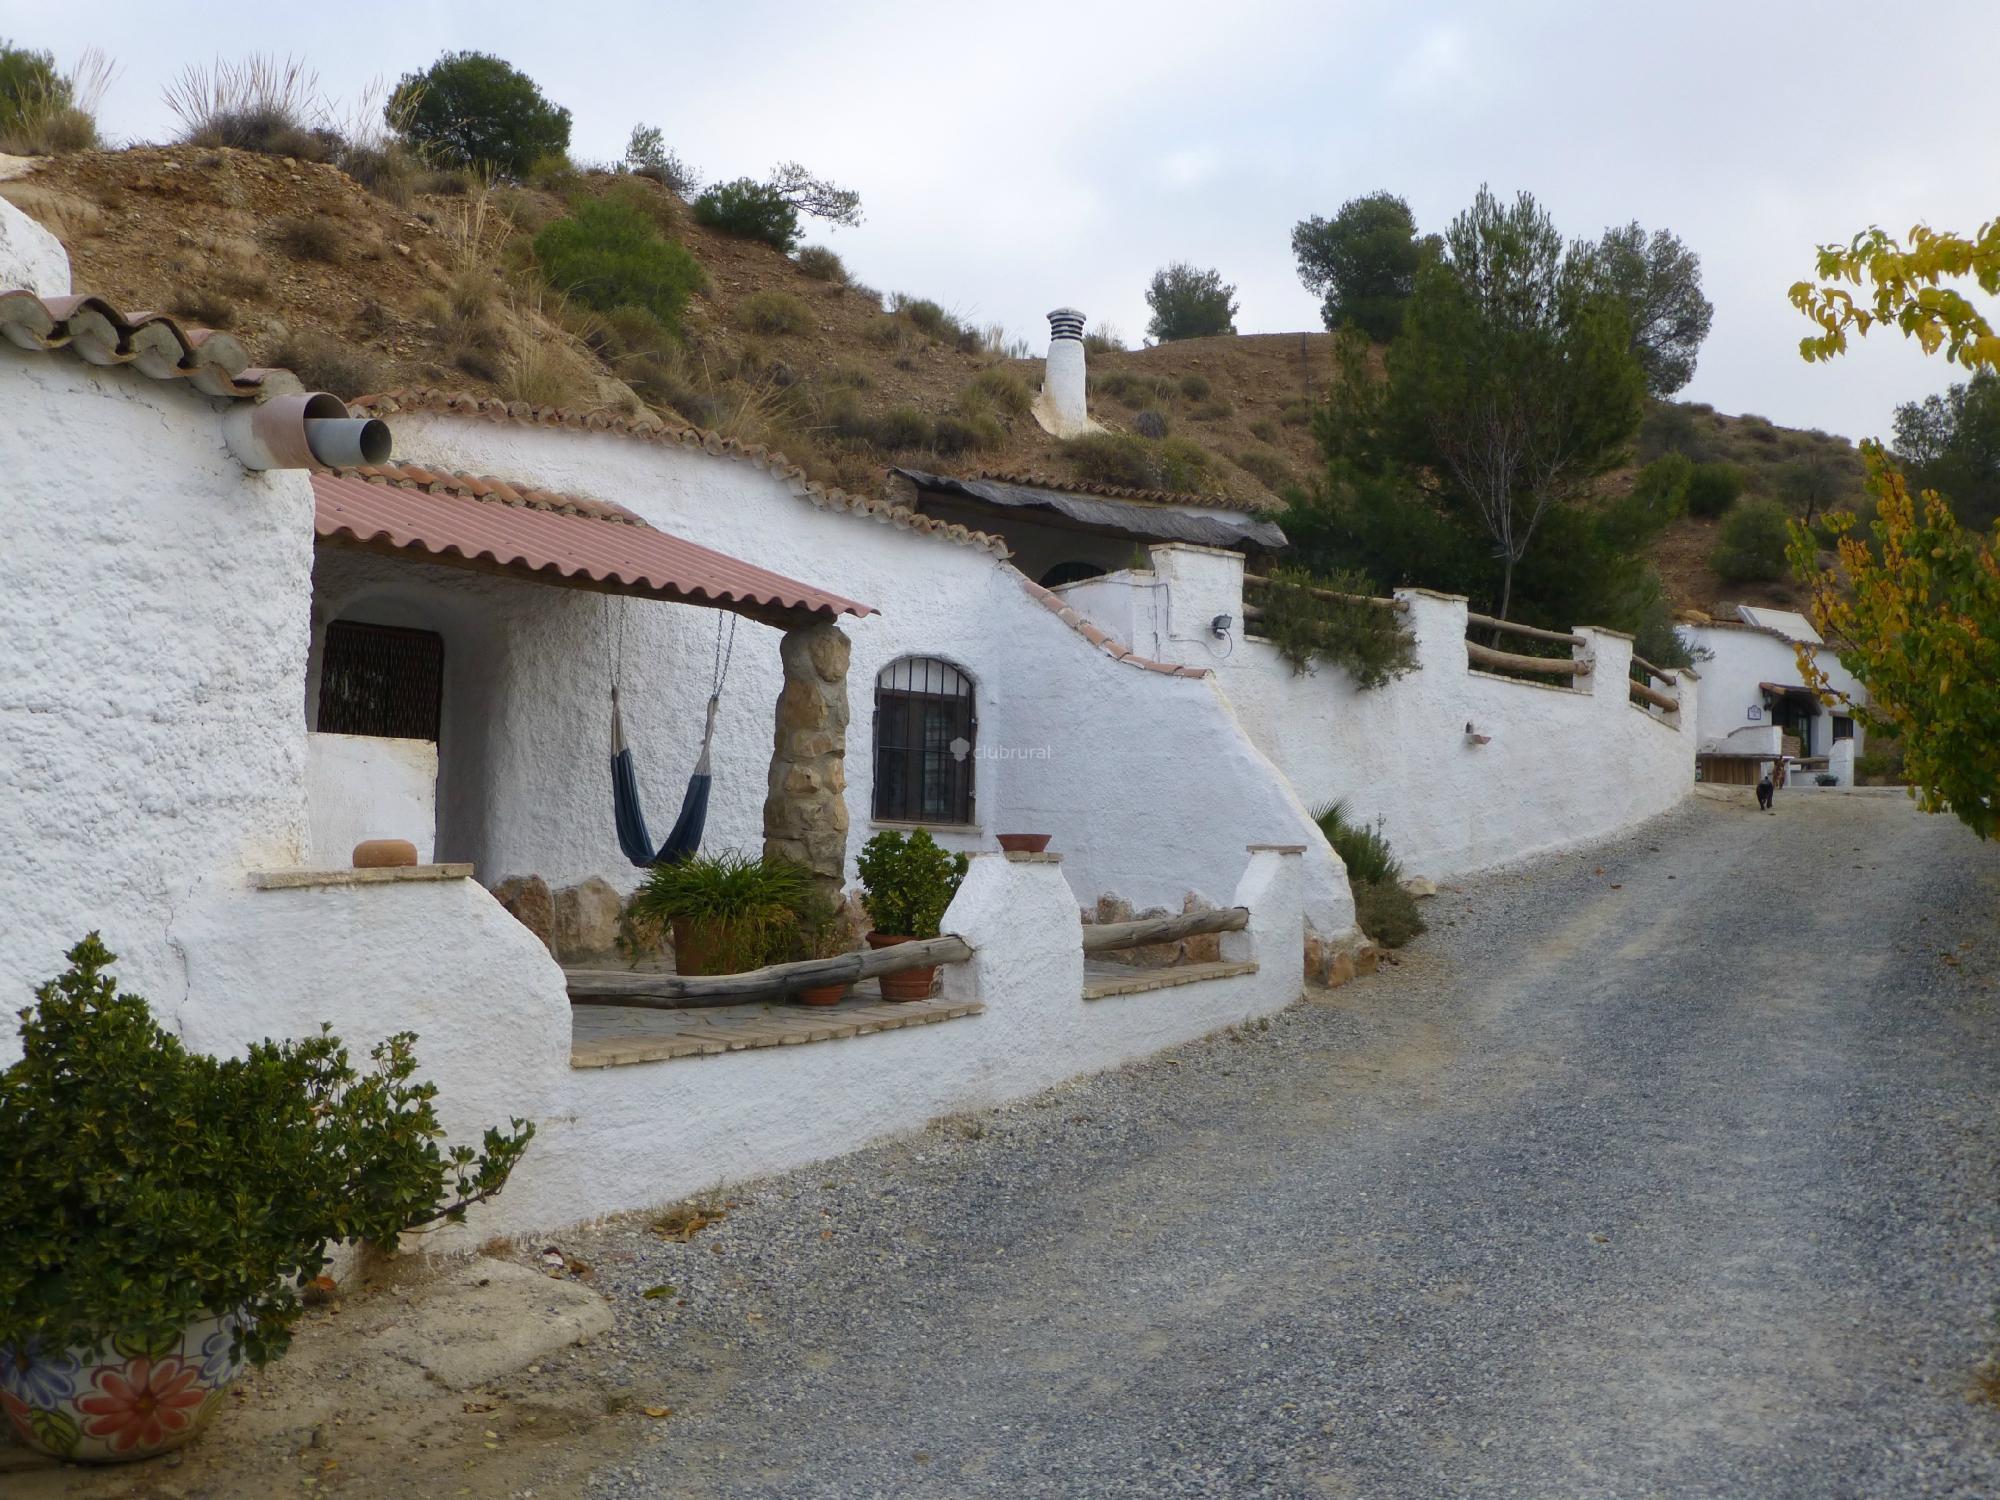 Fotos de cuevas de rolando granada guadix clubrural - Casa rural guadix granada ...